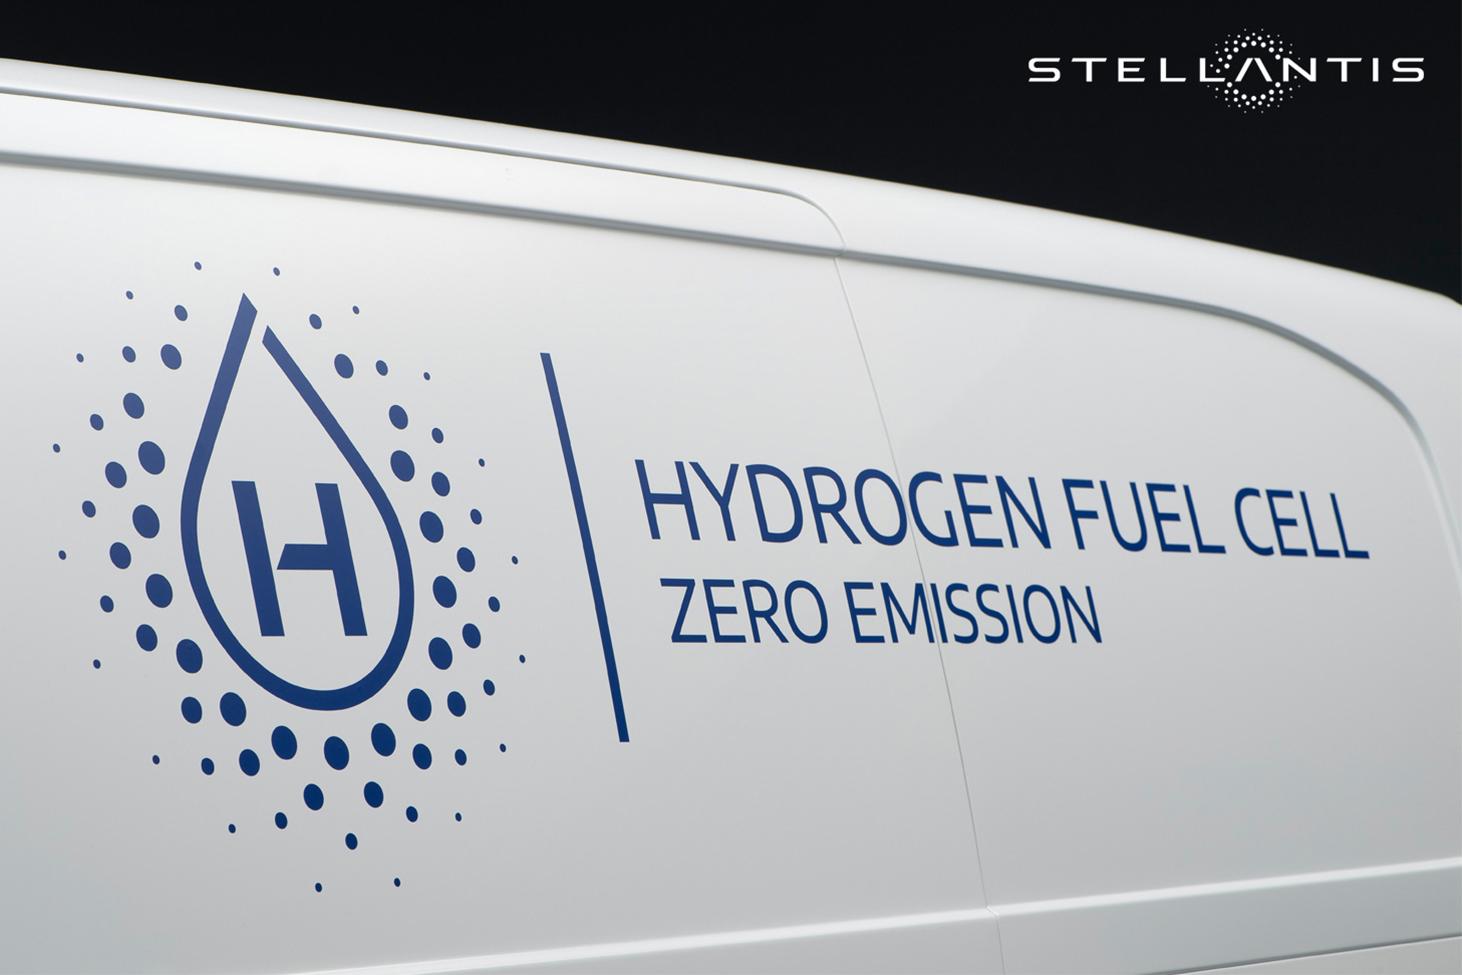 Основа в Vivaro-e – топливные элементы в моторном отсеке, баки с водородом вместо аккумулятора